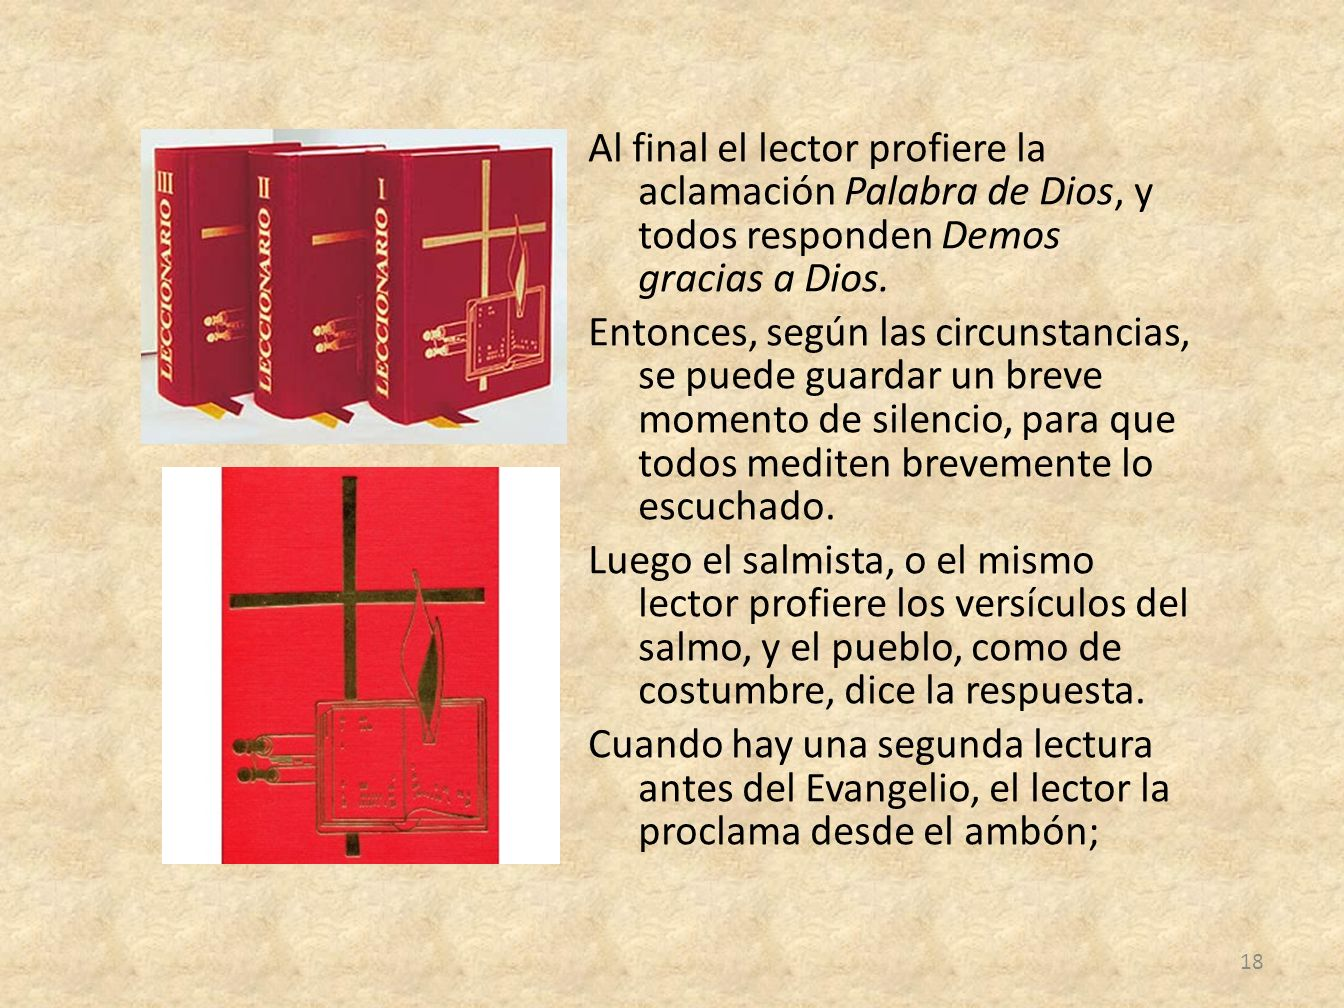 Al final el lector profiere la aclamación Palabra de Dios, y todos responden Demos gracias a Dios. Entonces, según las circunstancias, se puede guarda